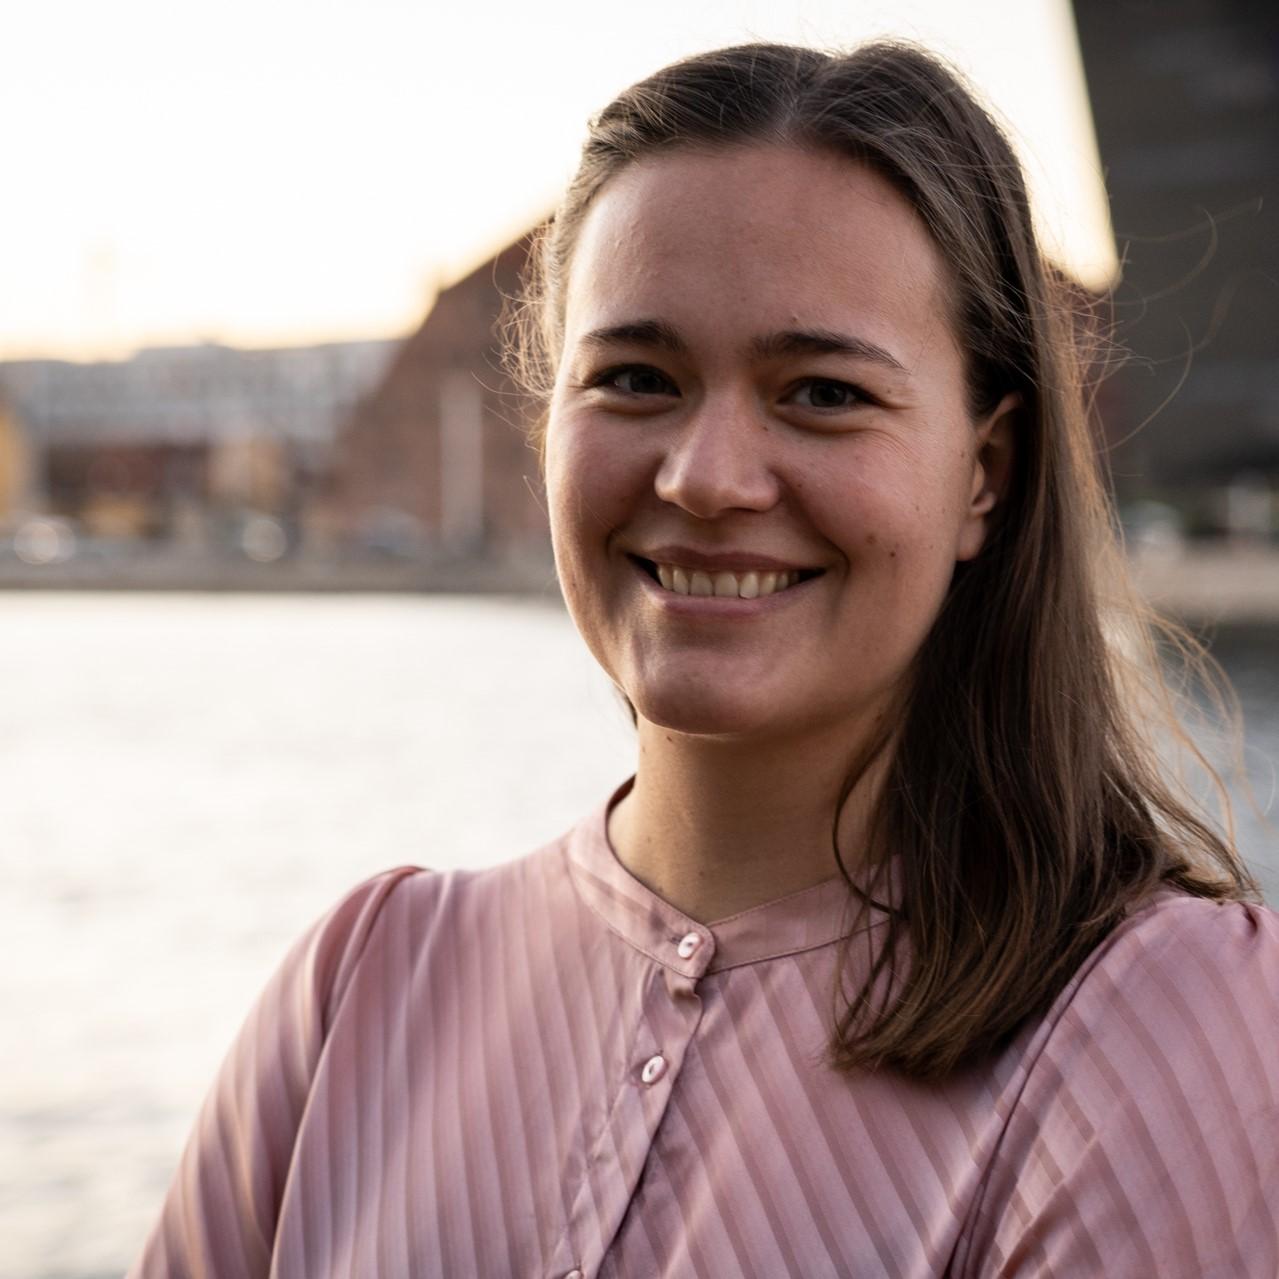 Amalie Trangbæk